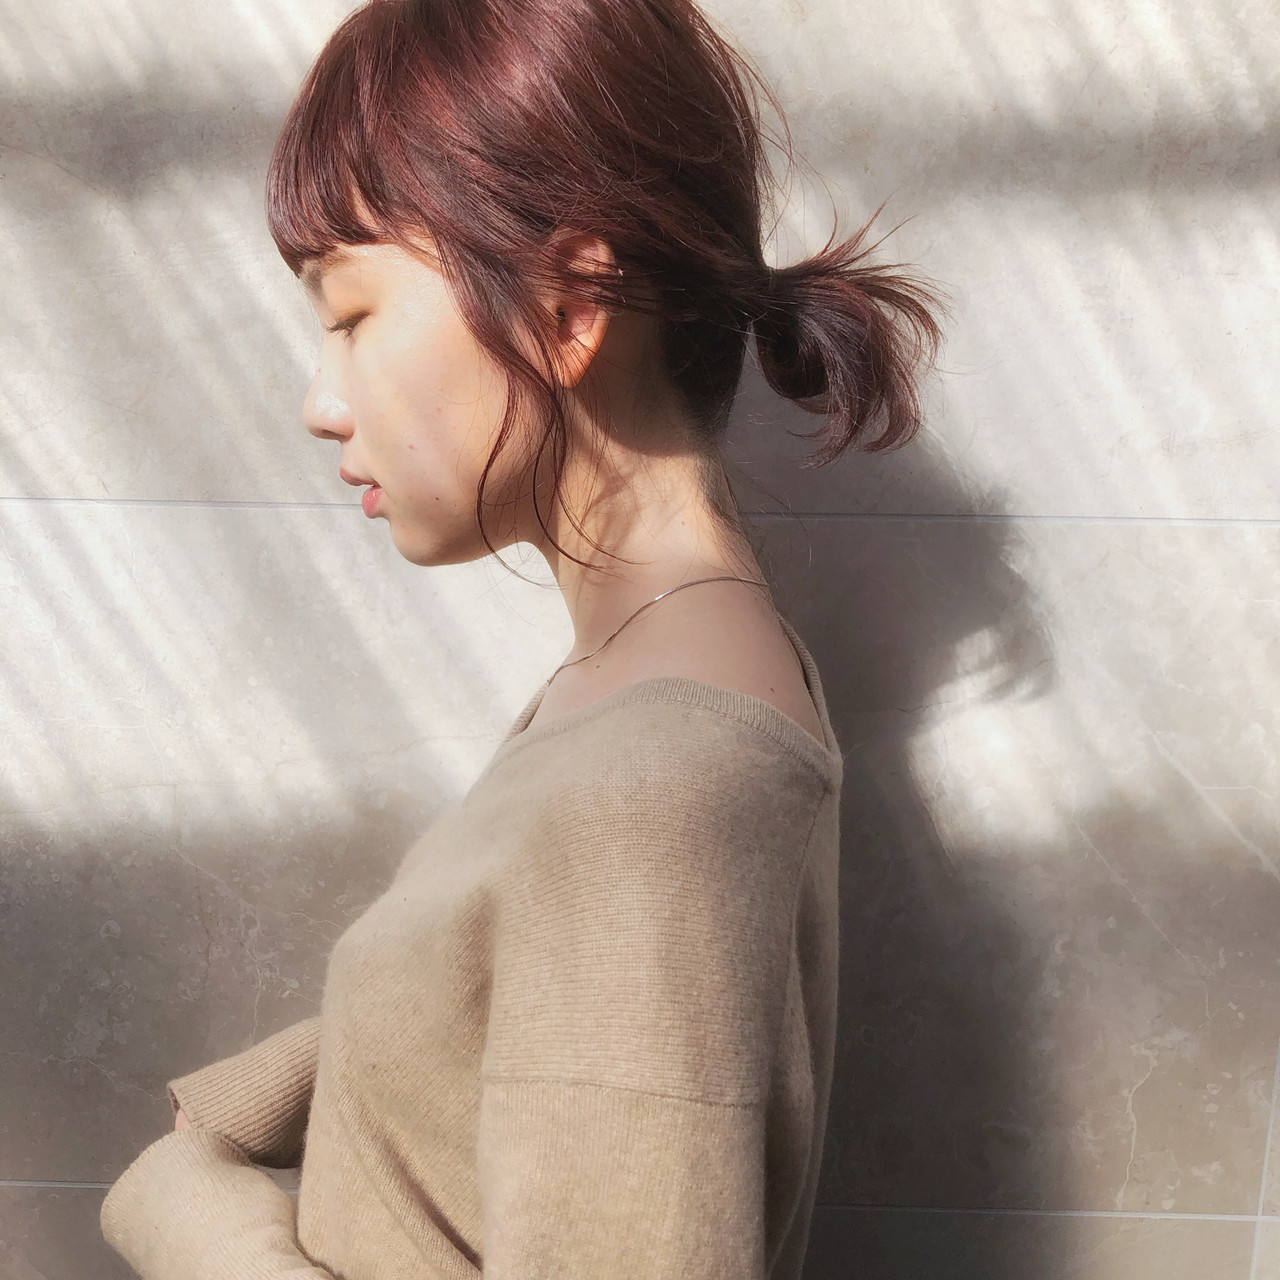 ヘアアレンジ アンニュイほつれヘア ボブ 簡単ヘアアレンジ ヘアスタイルや髪型の写真・画像 | Kengo / amili